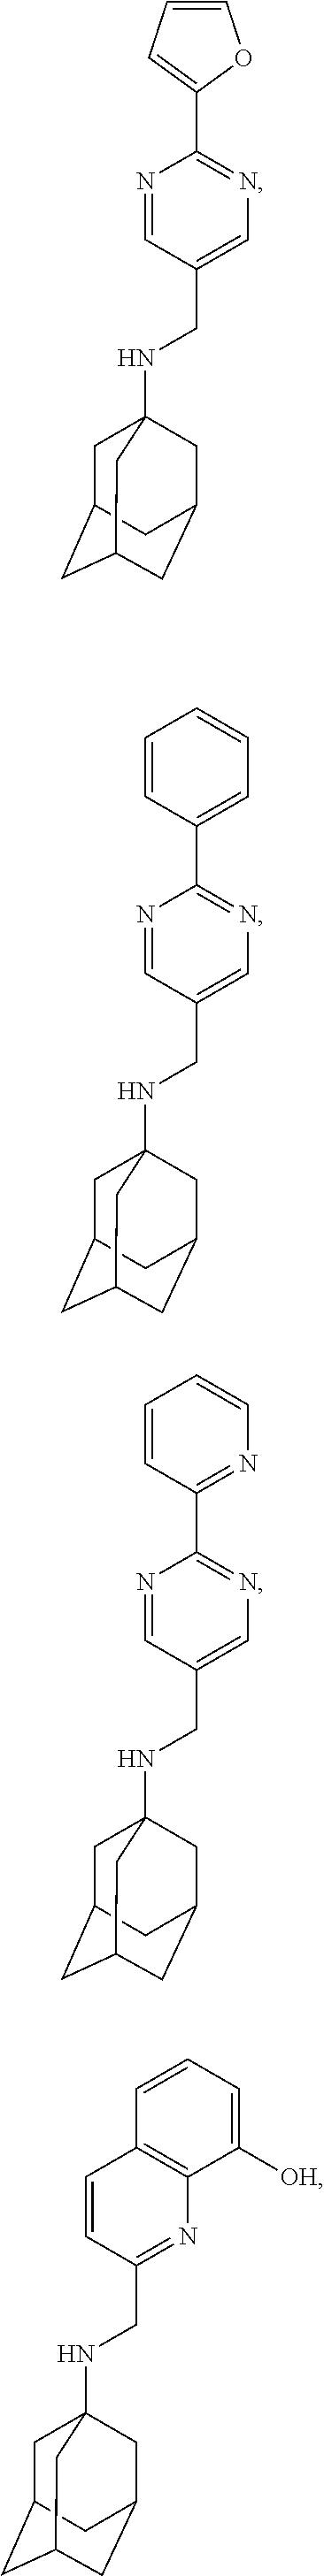 Figure US09884832-20180206-C00042